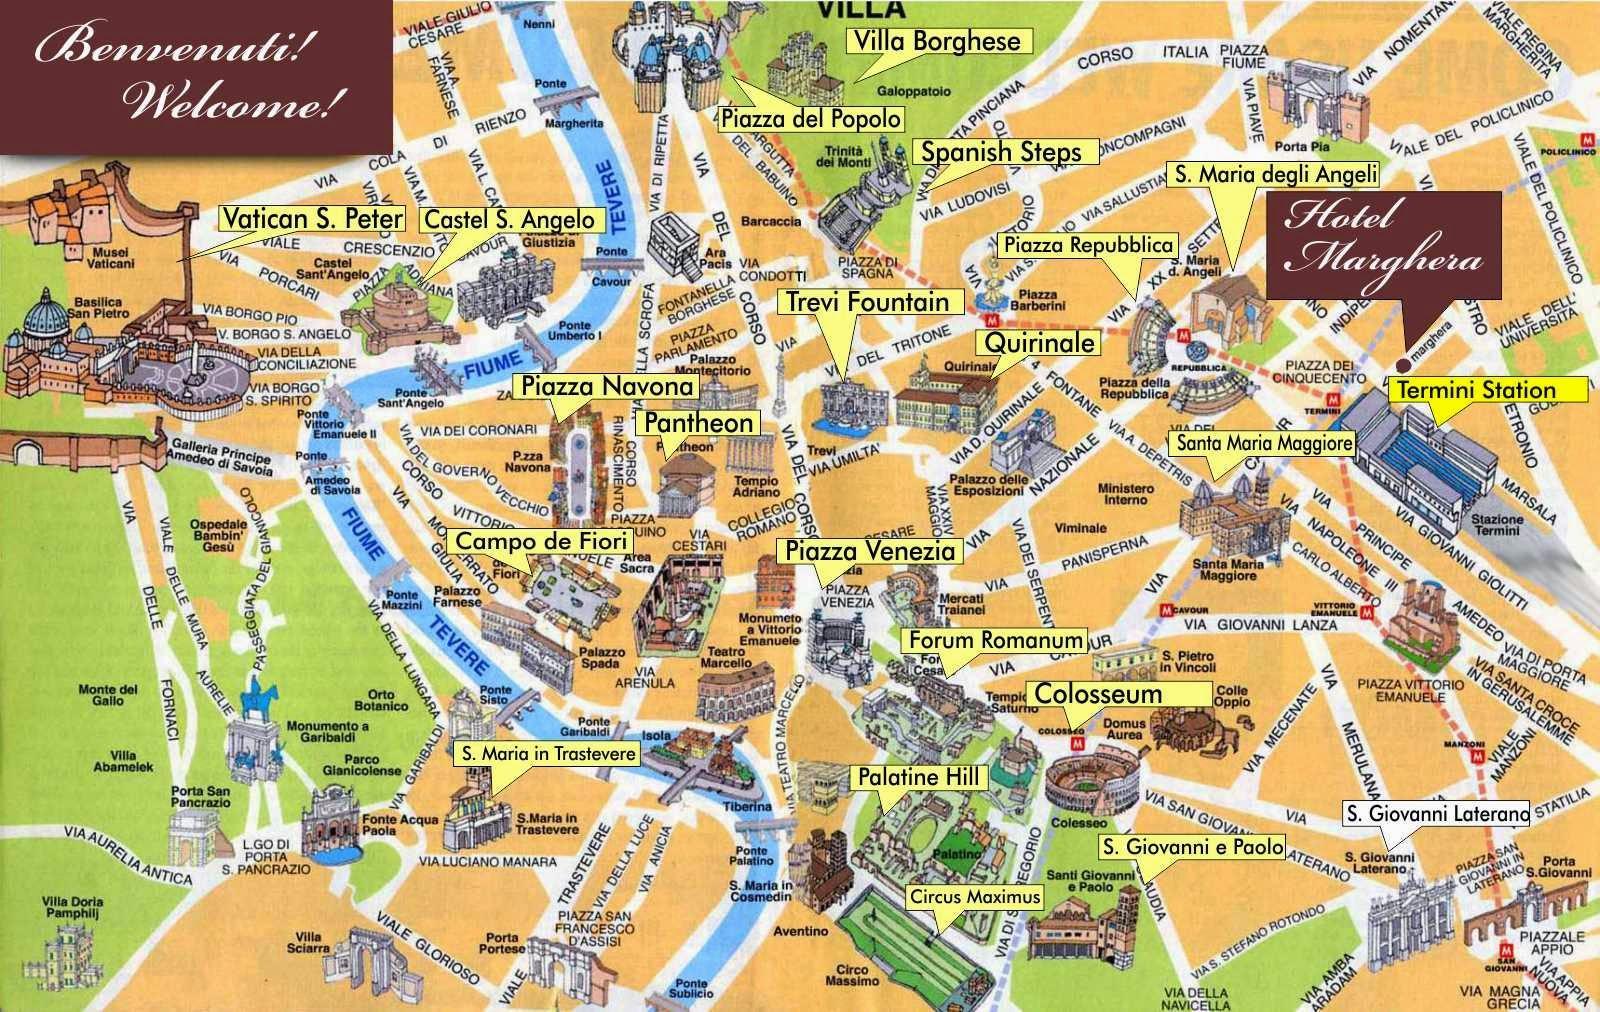 Rim Pruvodce Mapa Mapa Rima Pruvodce Lazio Italie